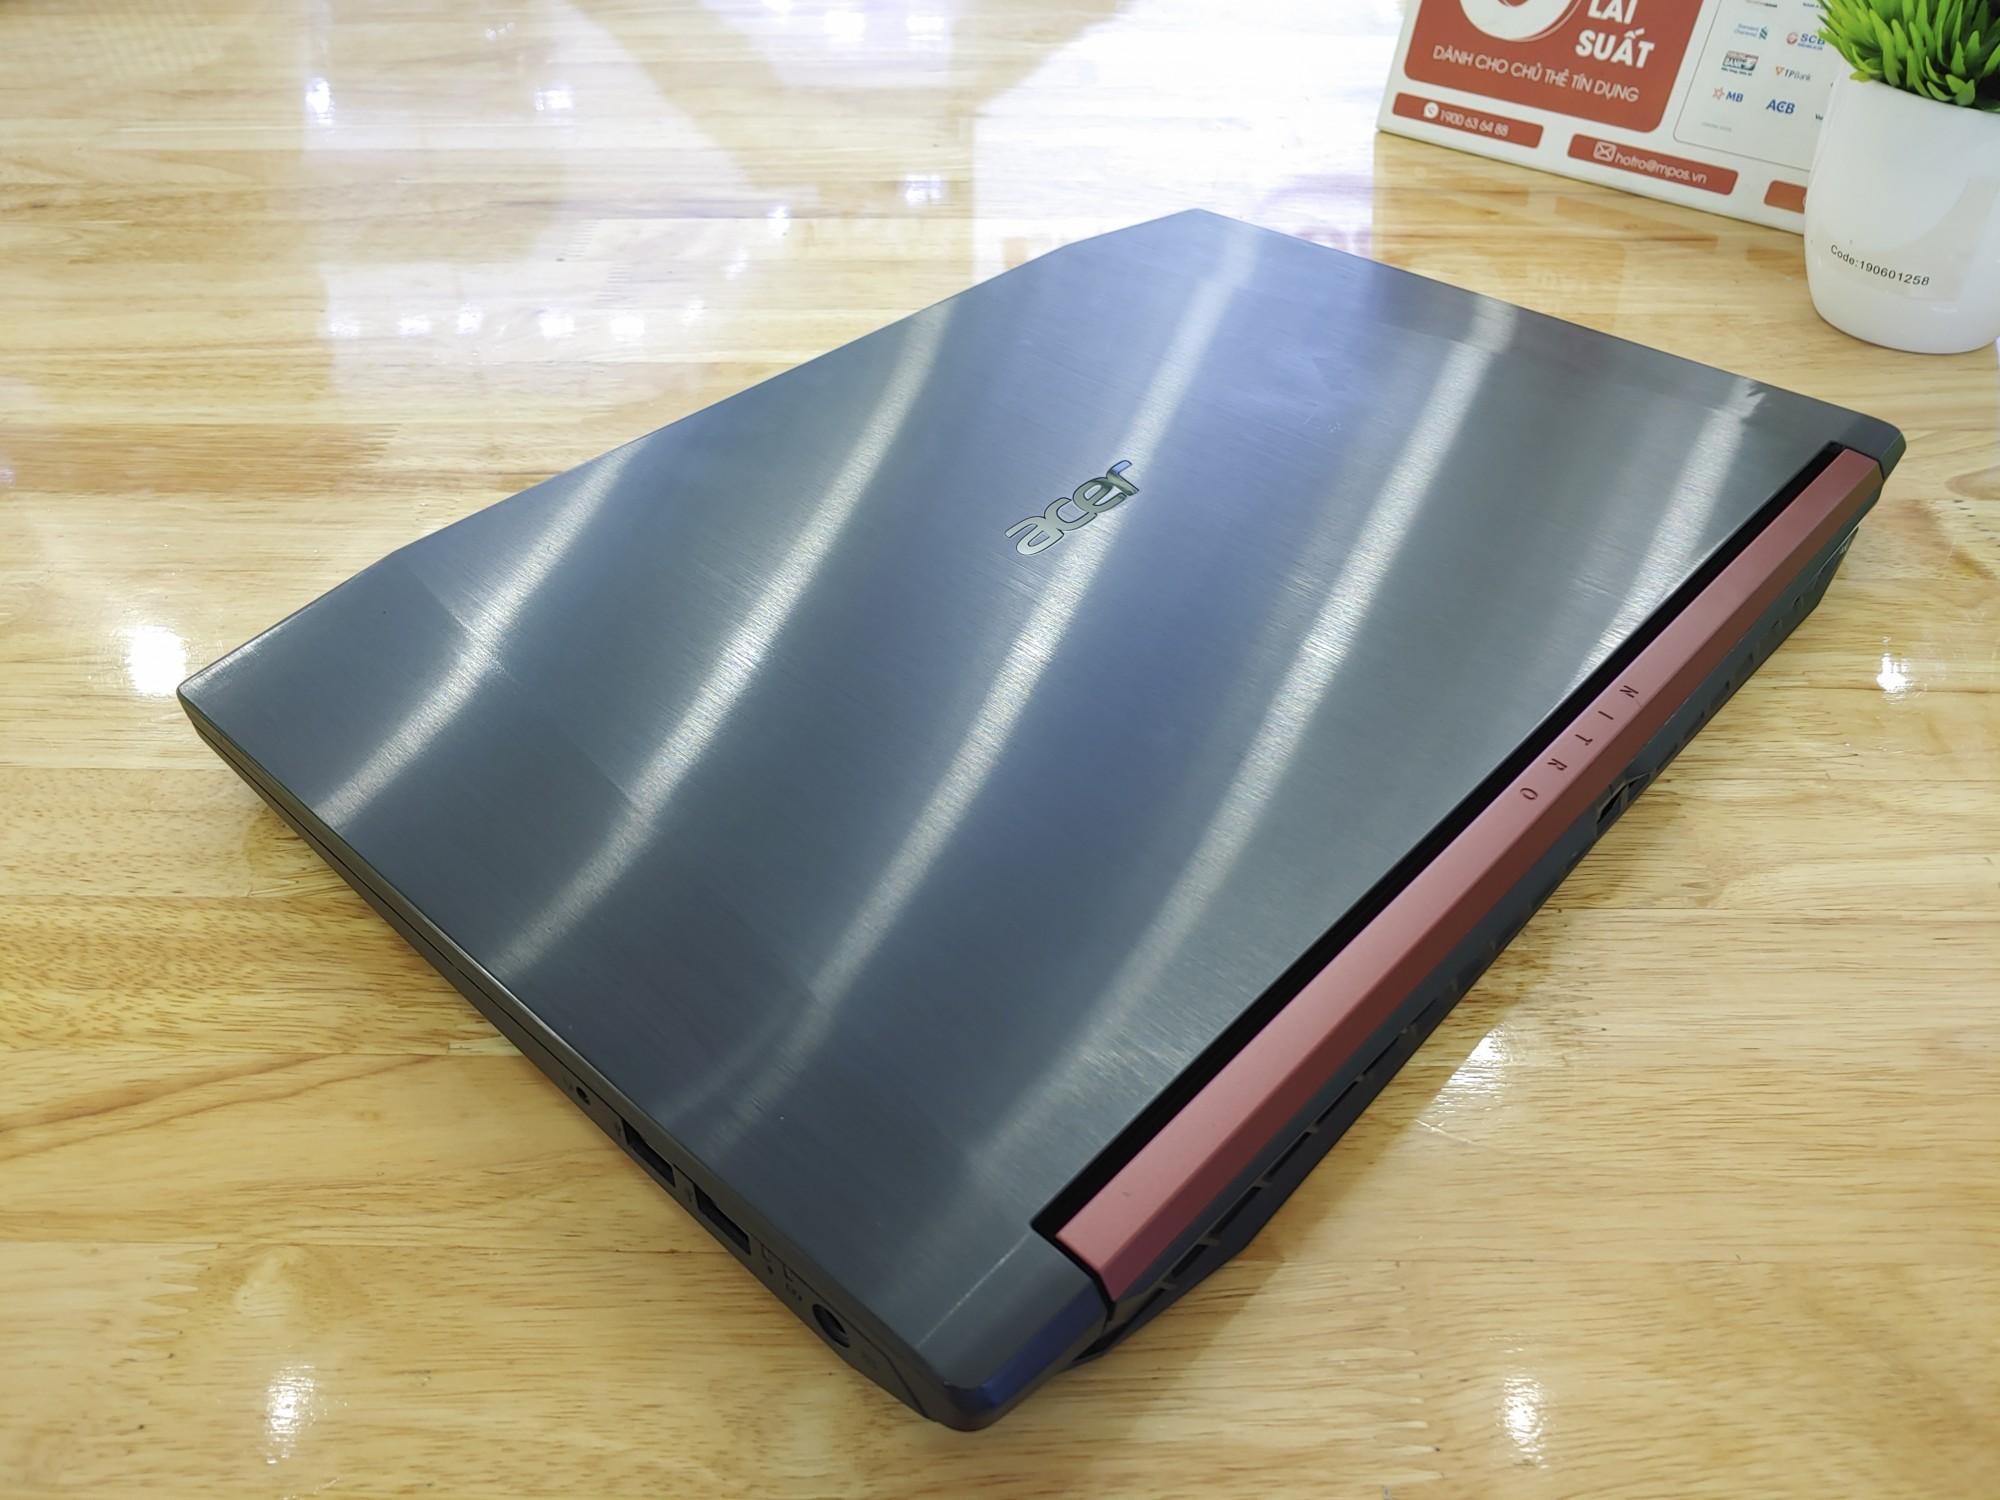 Acer Nitro AN 515-51